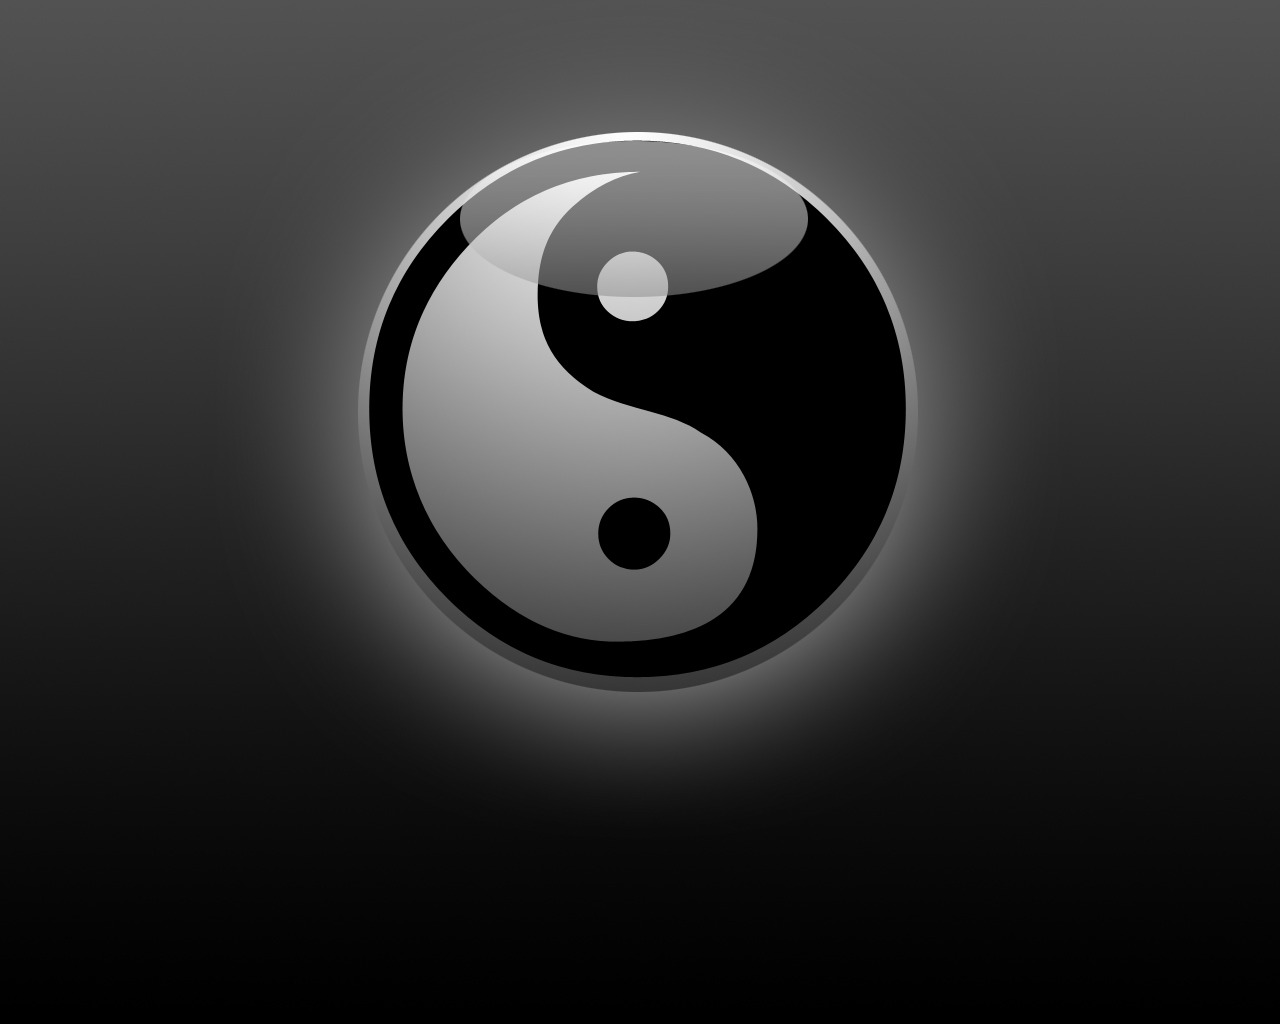 Download Yin Yang Wallpaper 1280x1024 Wallpoper 375896 1280x1024